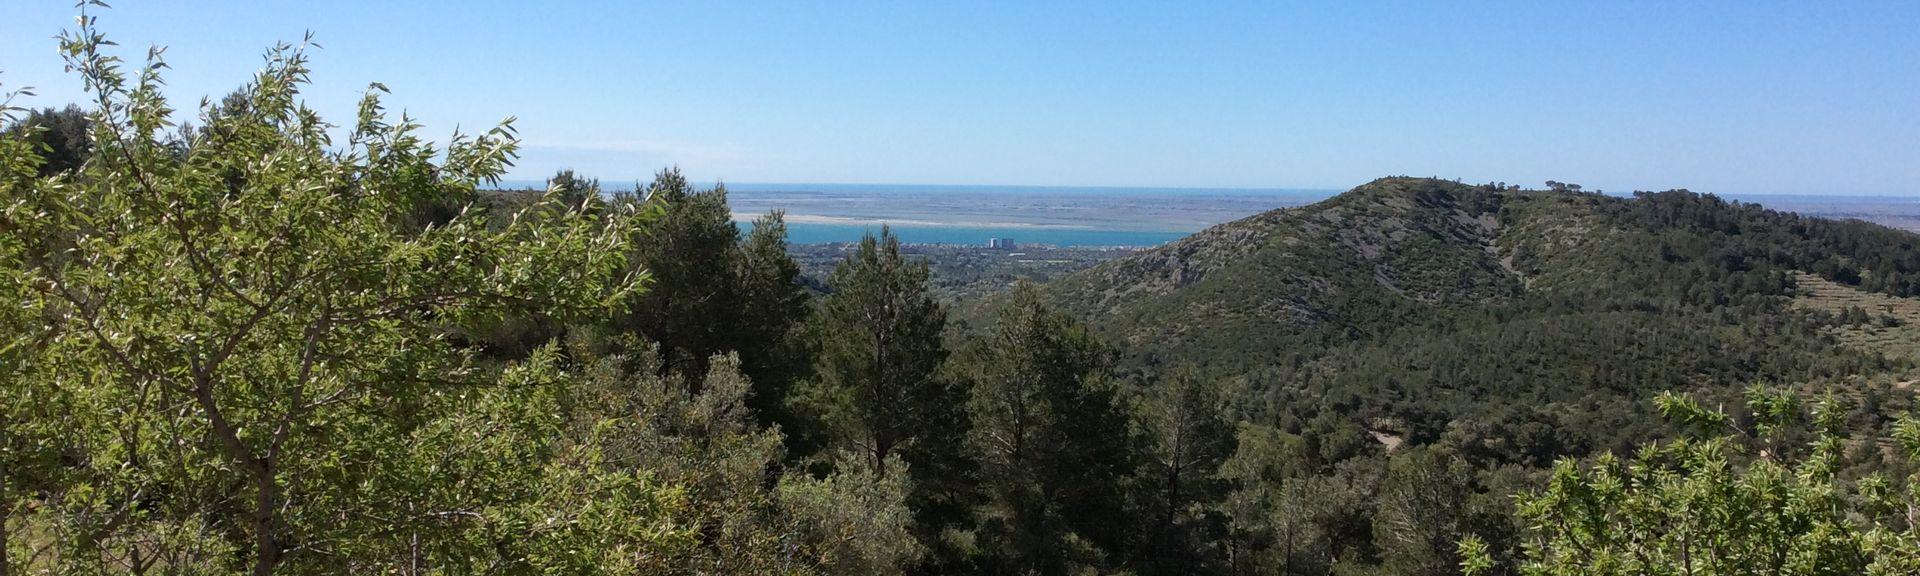 Rasquera, Tarragona, Spain